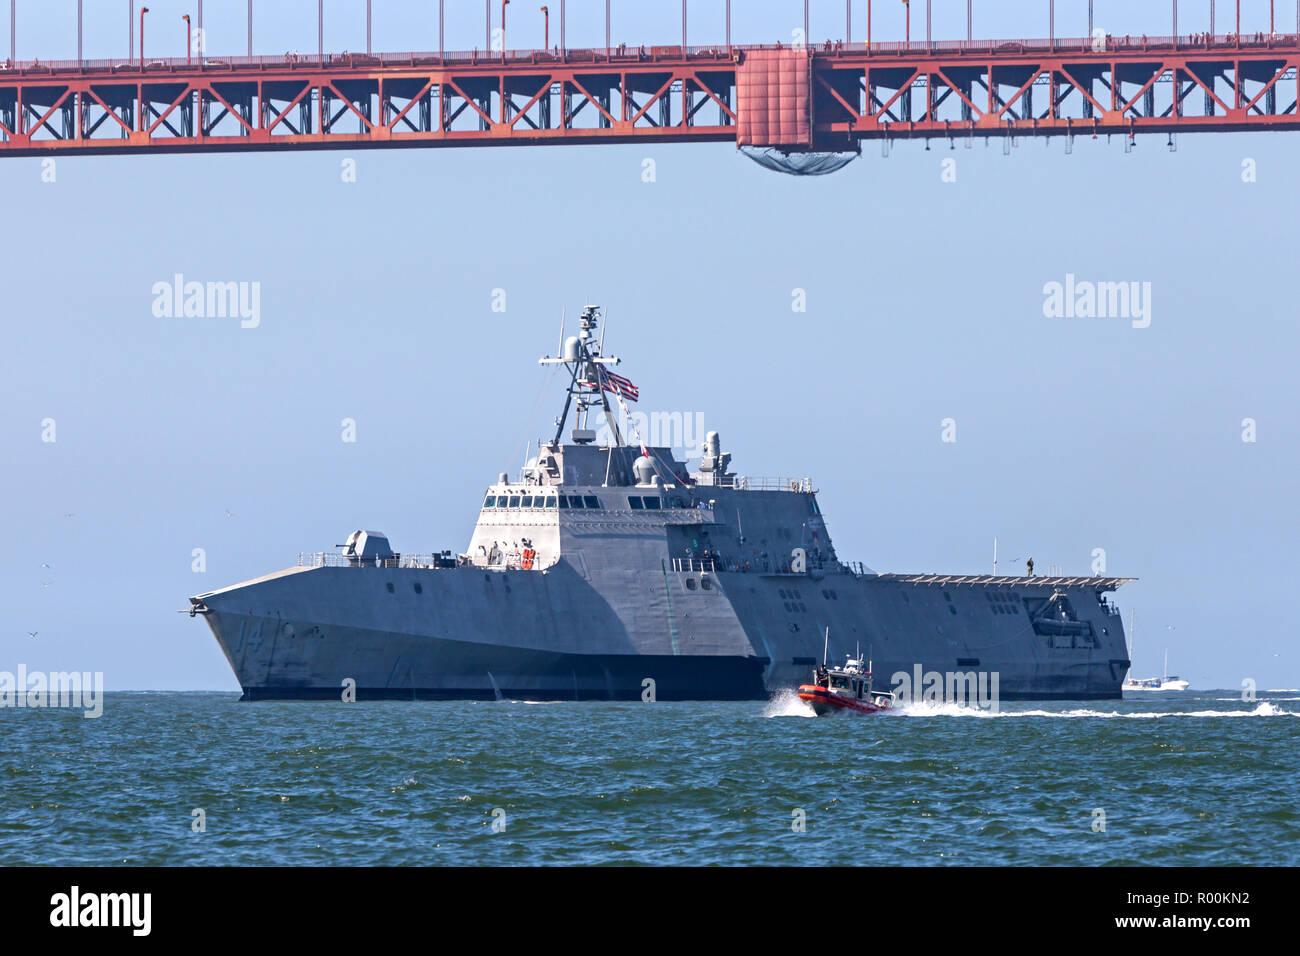 Le littoral lutte contre le USS Manchester est escorté dans la baie de San Francisco par un garde-côte de l'équipe de la TDDSM. Photo Stock